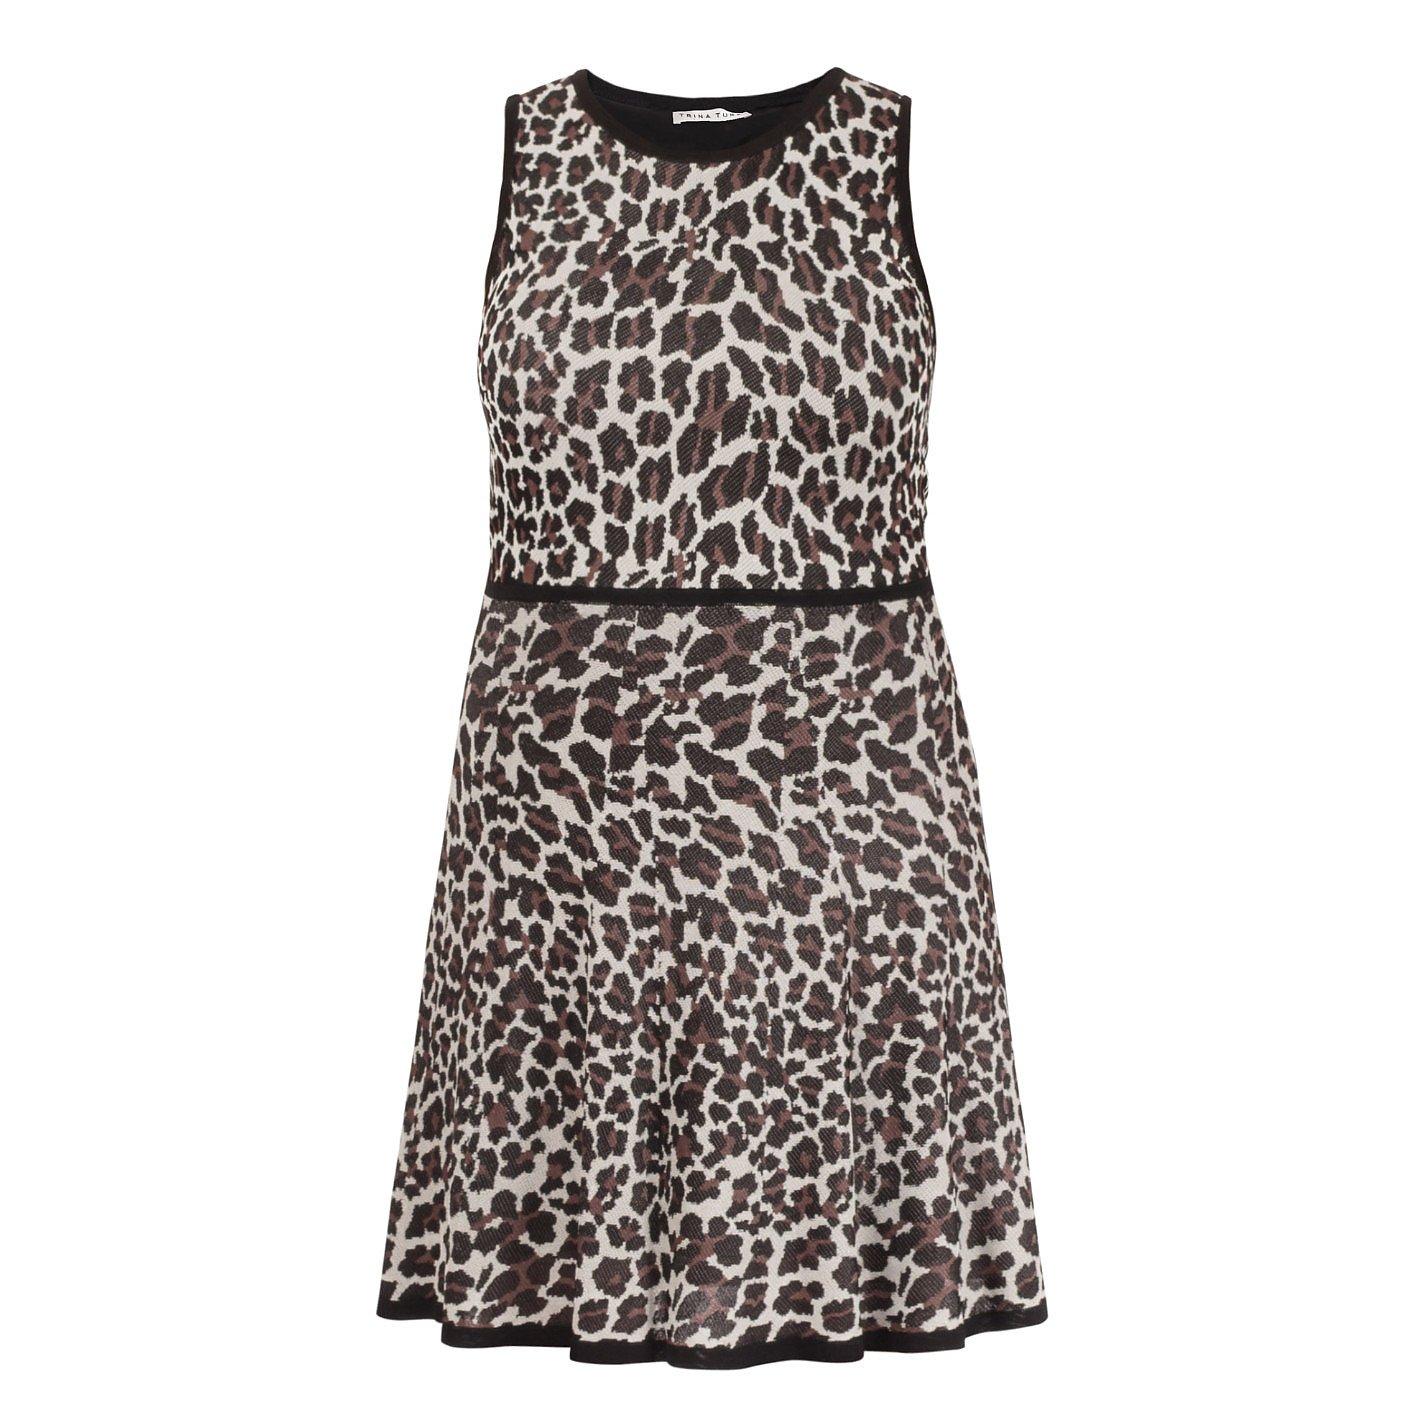 Trina Turk Huxley Leopard Print Dress